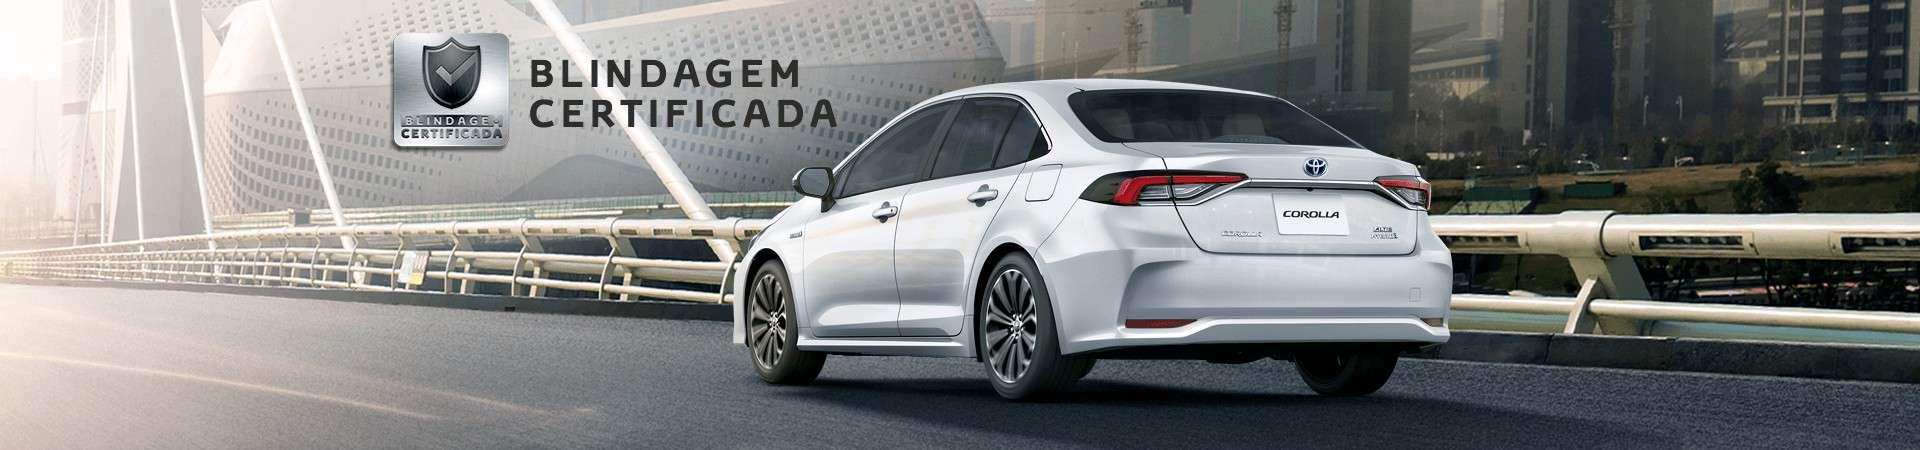 Blindagem Certificada Toyota